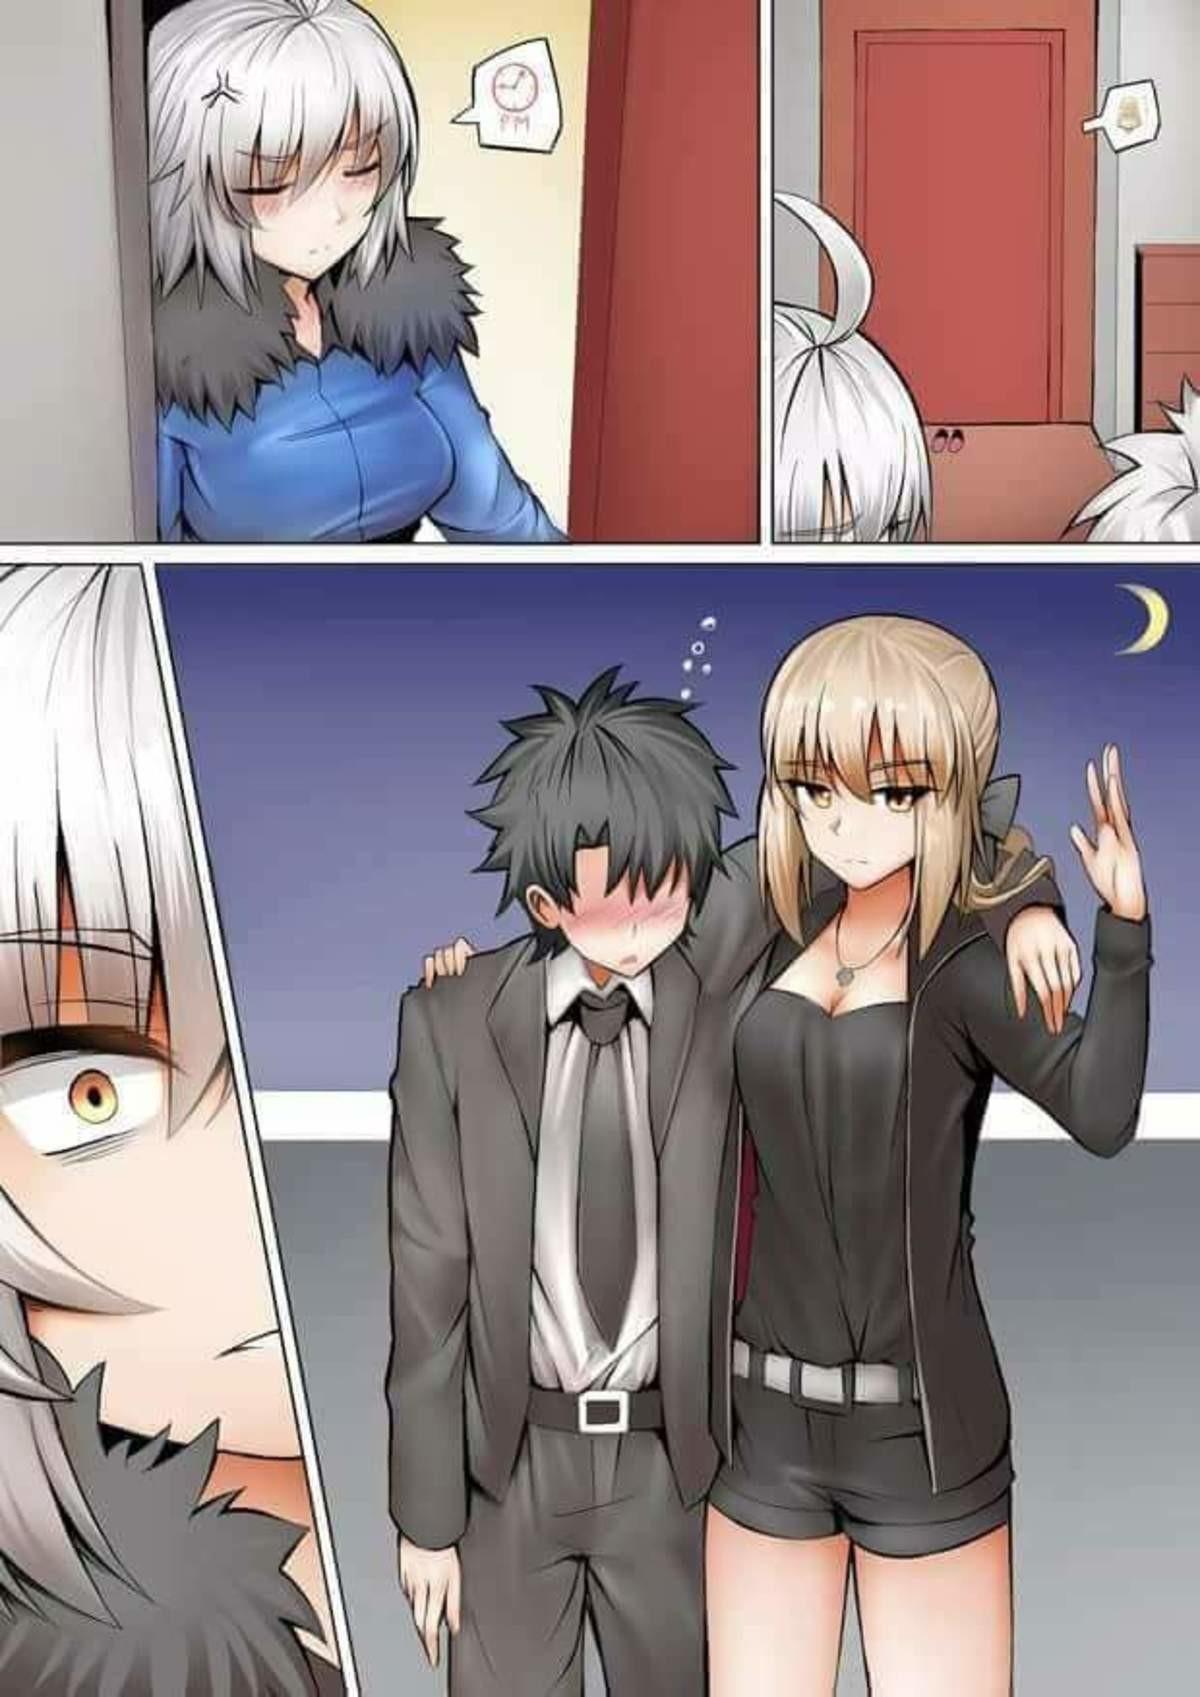 The Plot Thickens For Mama Jalter. .. RIP Gudao. Anime manga jalter salter artoria fatego